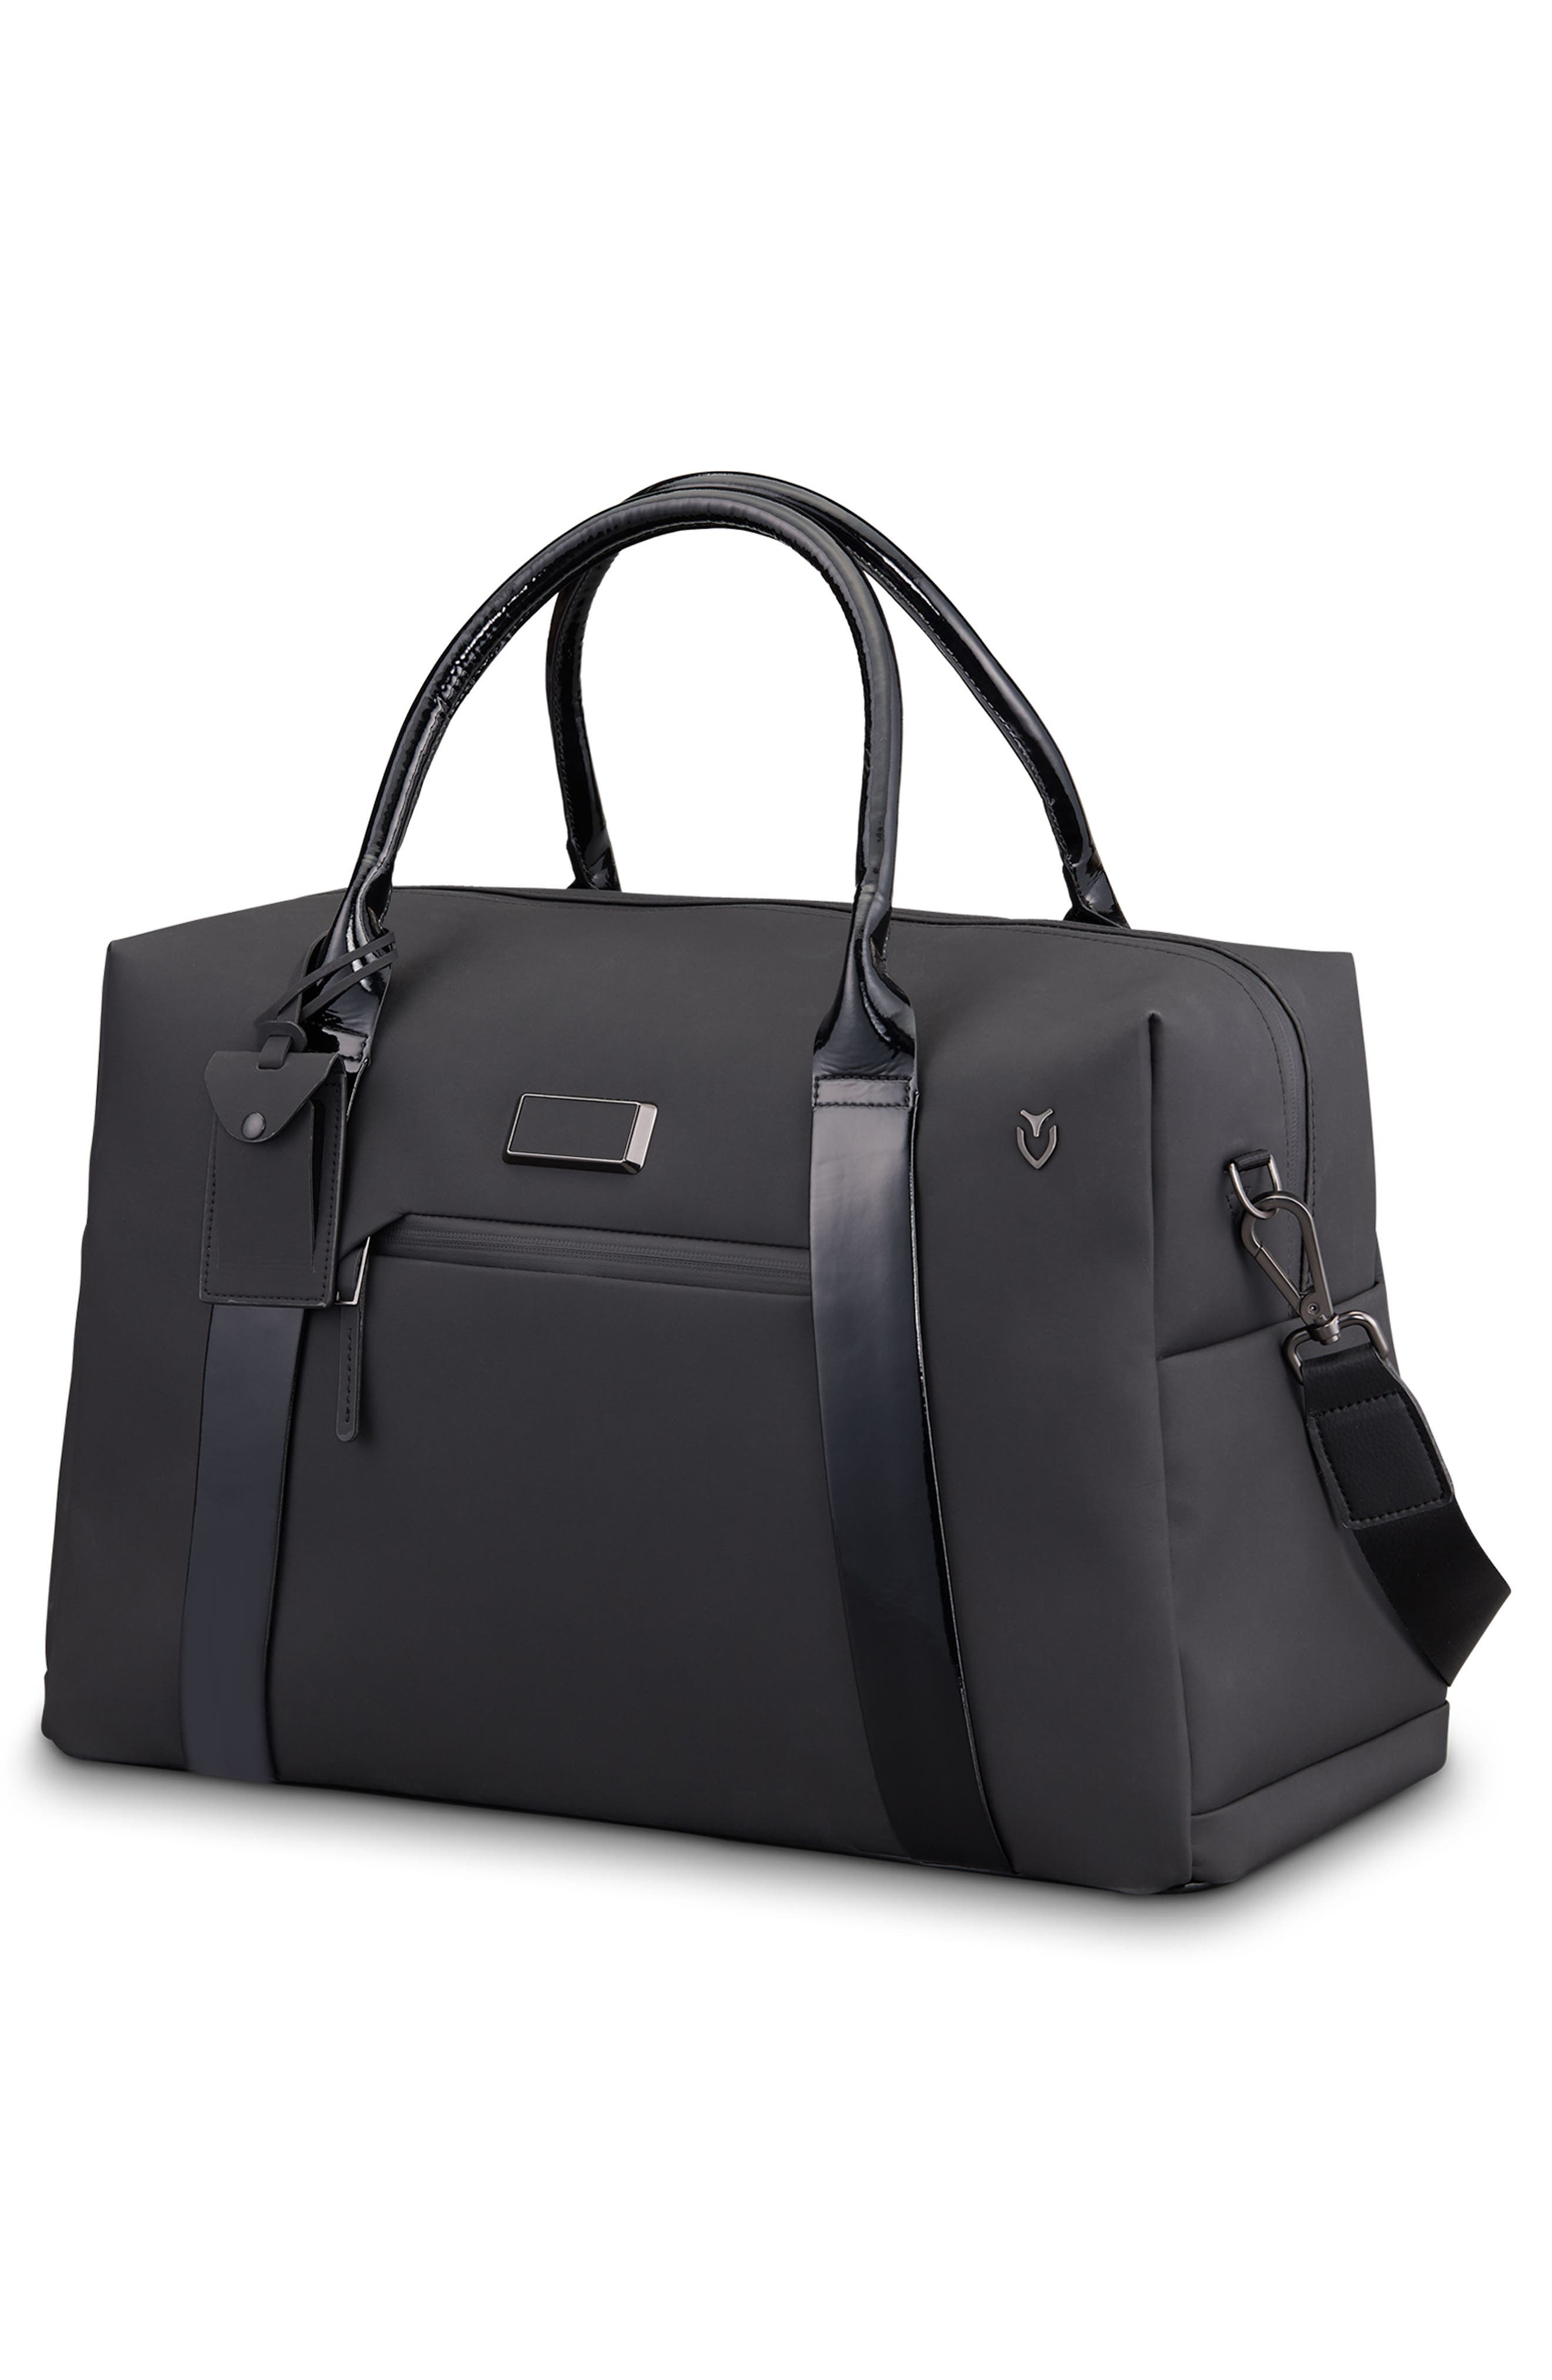 Signature 2.0 Faux Leather Duffel Bag,                             Alternate thumbnail 3, color,                             MATTE/ PATENT BLACK